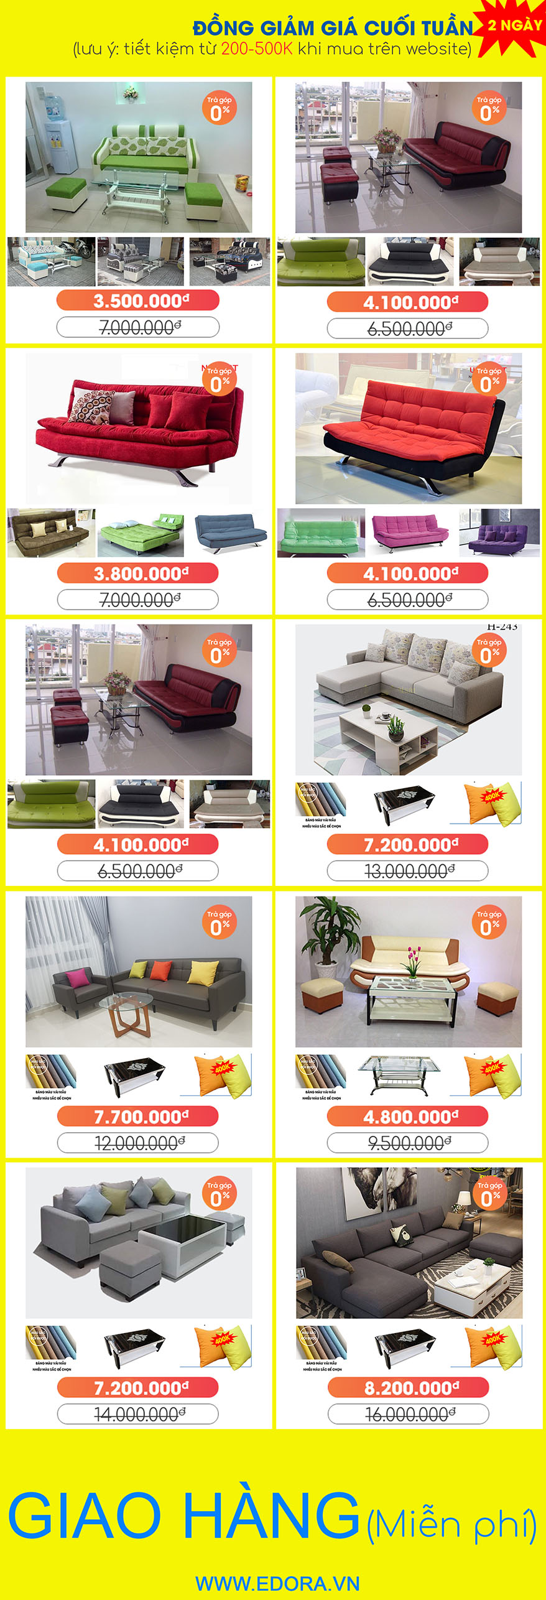 Mua ghế Sofa giá rẻ Biên Hòa, Đồng Nai tại Xưởng -50% P2